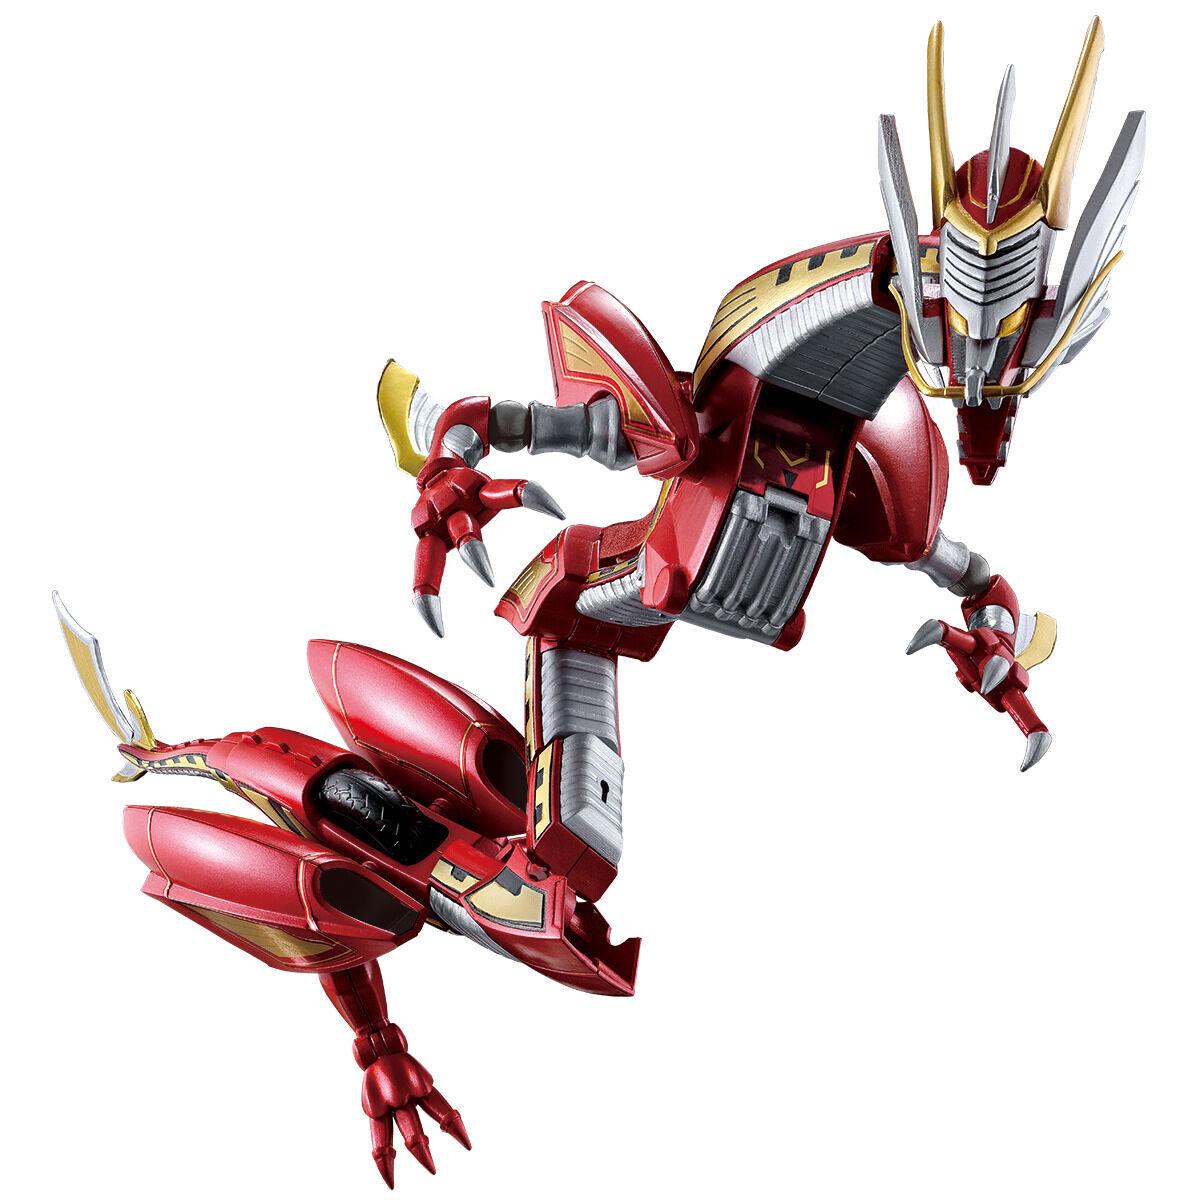 【限定販売】【食玩】SO-DO CHRONICLE『仮面ライダー龍騎 ドラグランザーセット』可動フィギュア-001